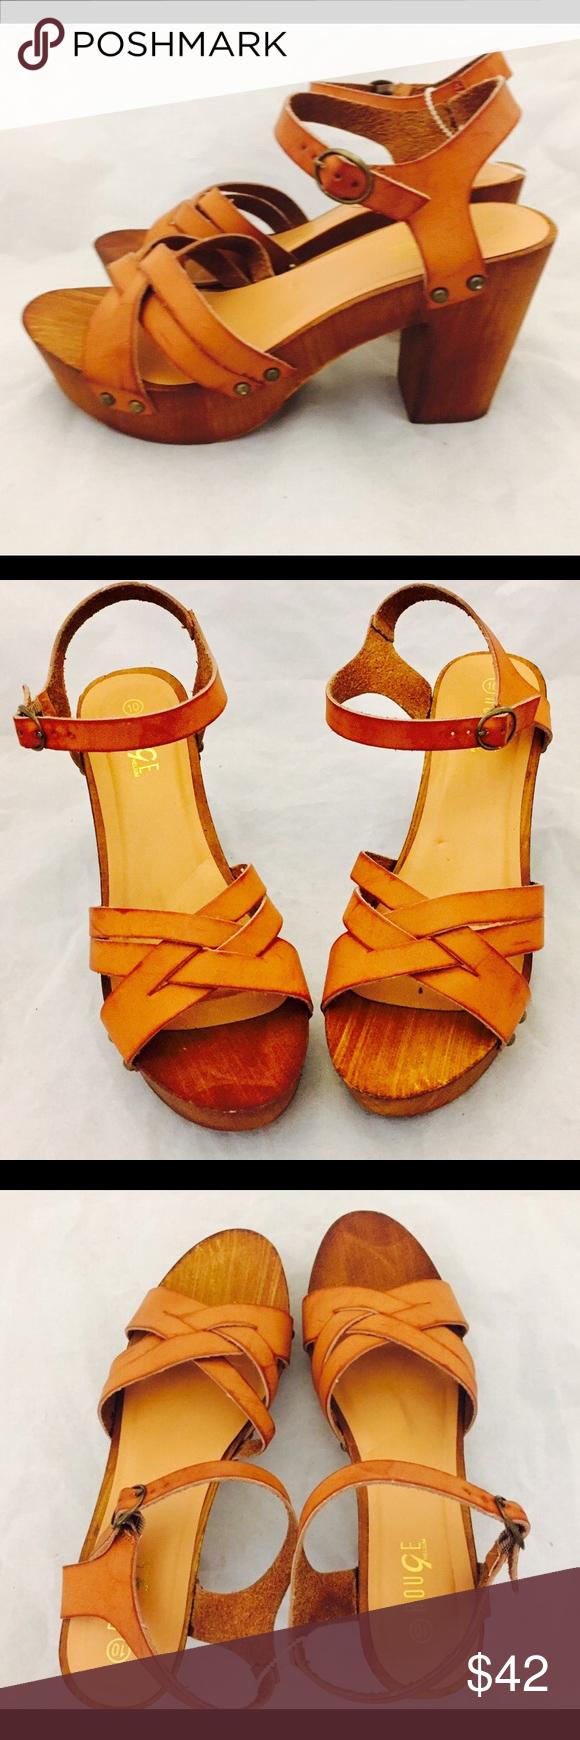 SOLD Platform Clogs Sandals Leather Wood Heels 9.5